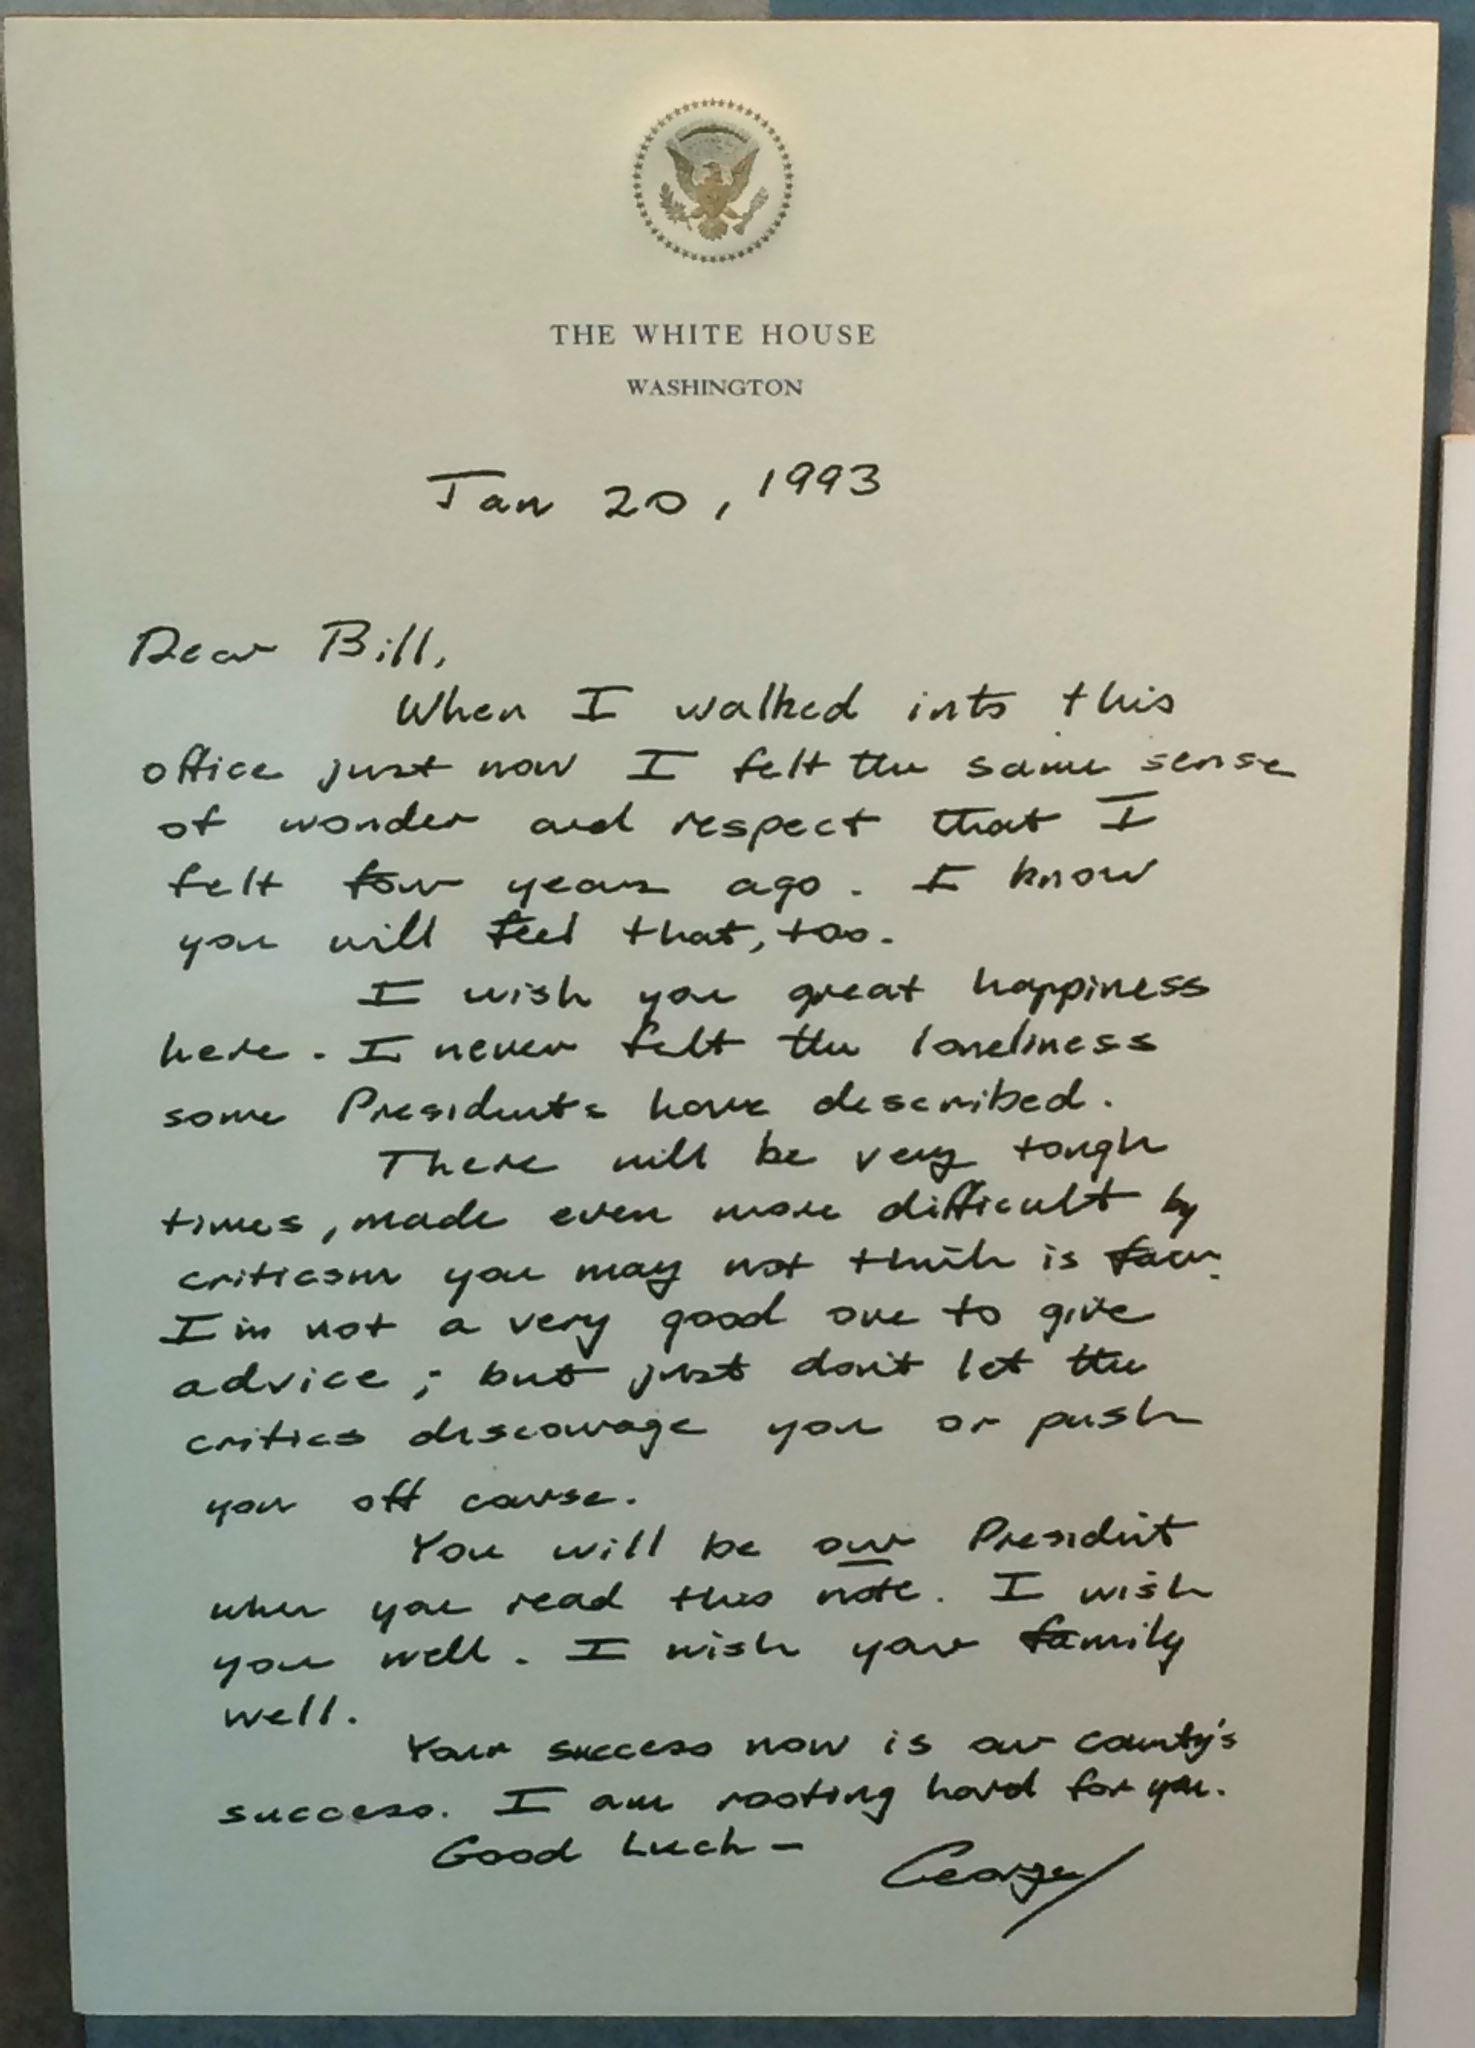 The letter in full (PHOTO: Twitter/@CameronJJJ)